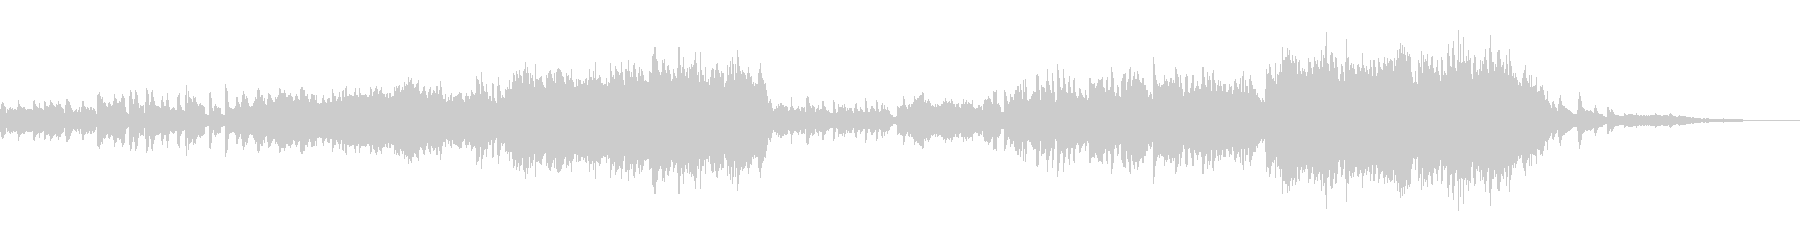 ジブリ風ノスタルジック感動的オーケストラの未再生の波形